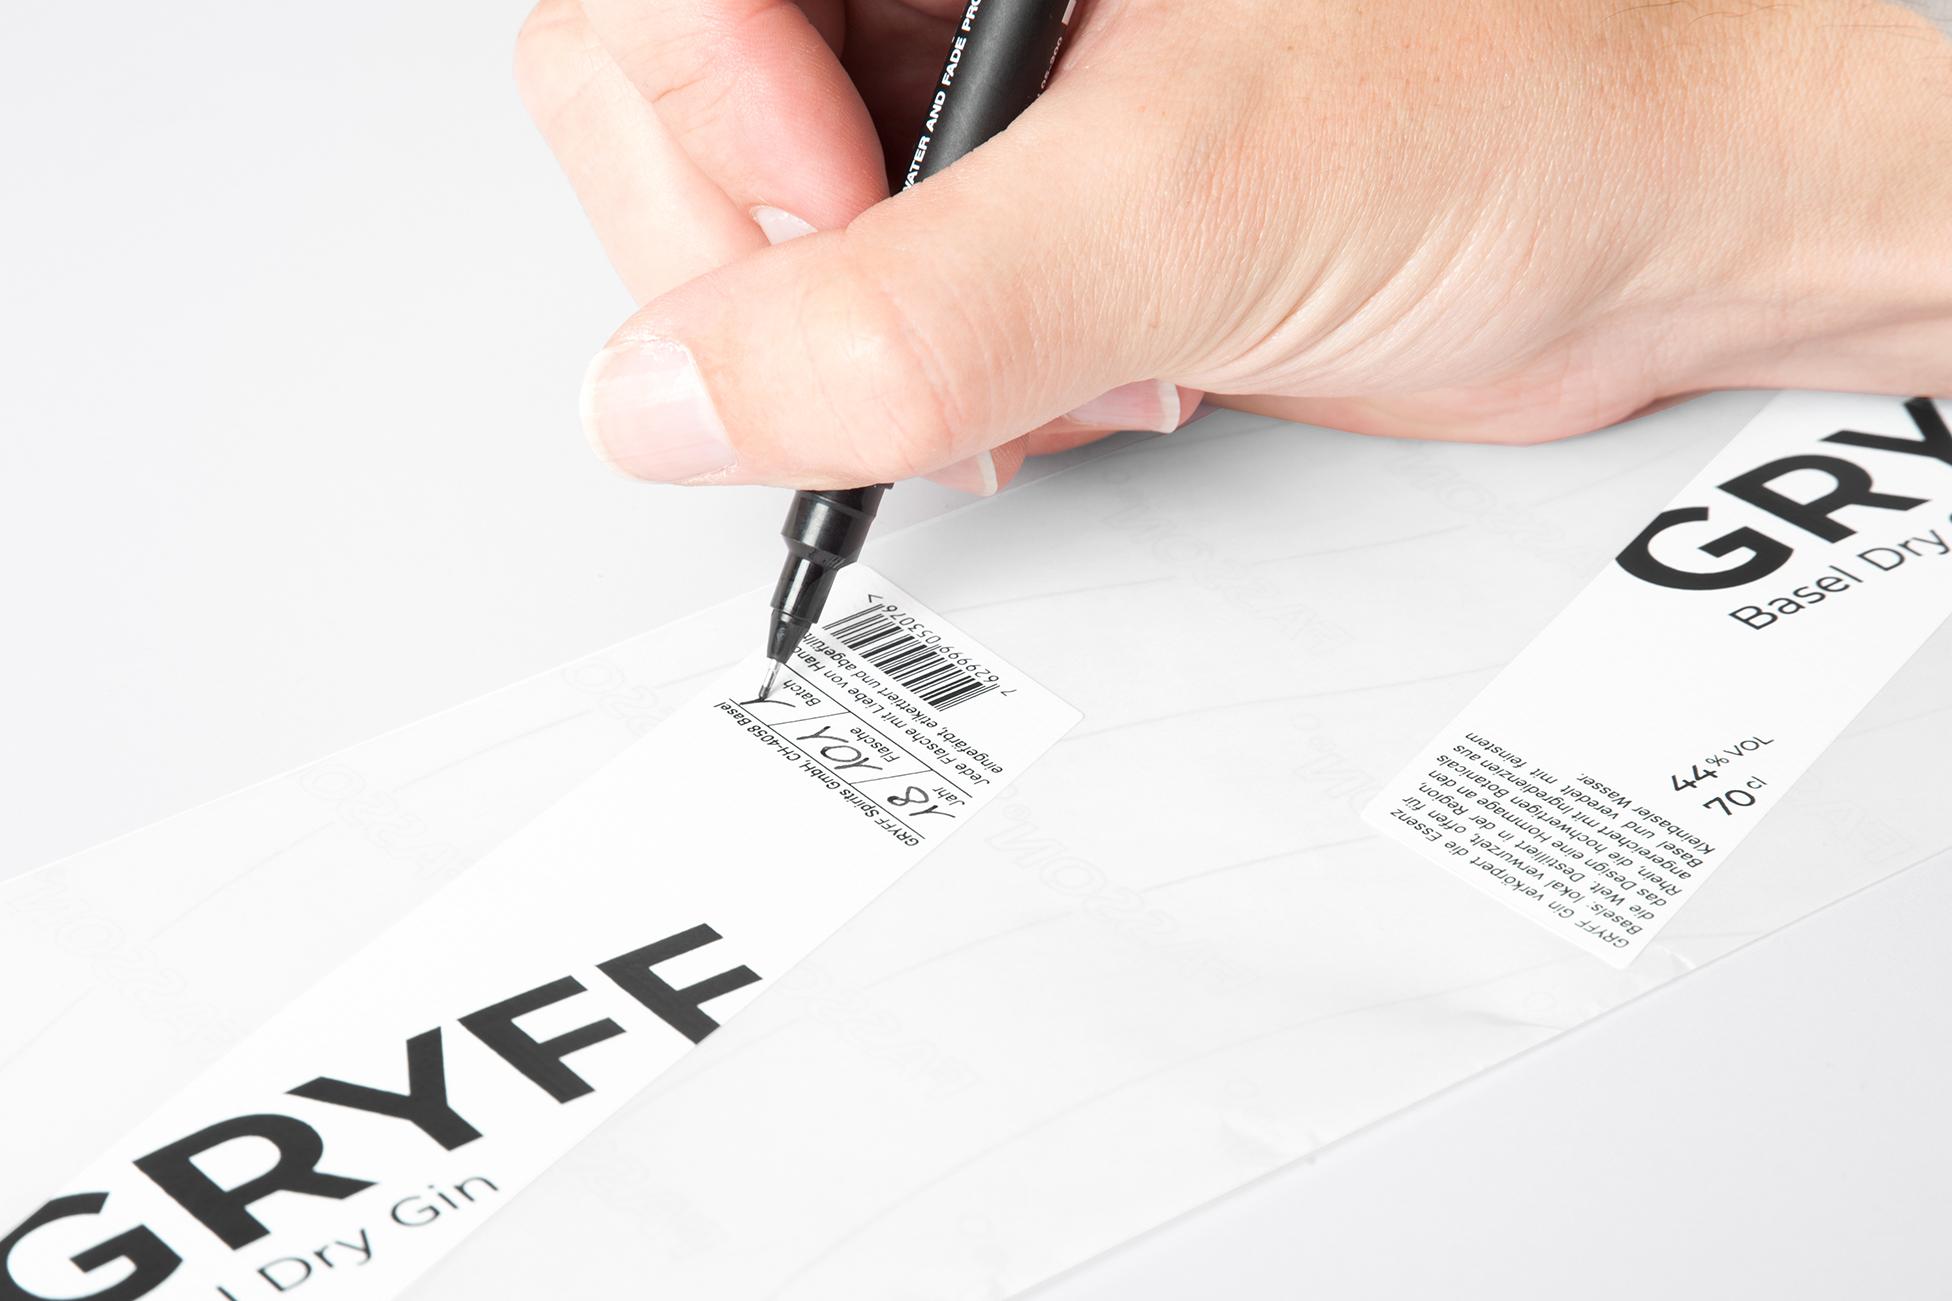 GRYFF_GIN_Etikette_unterschreiben_kl.jpg